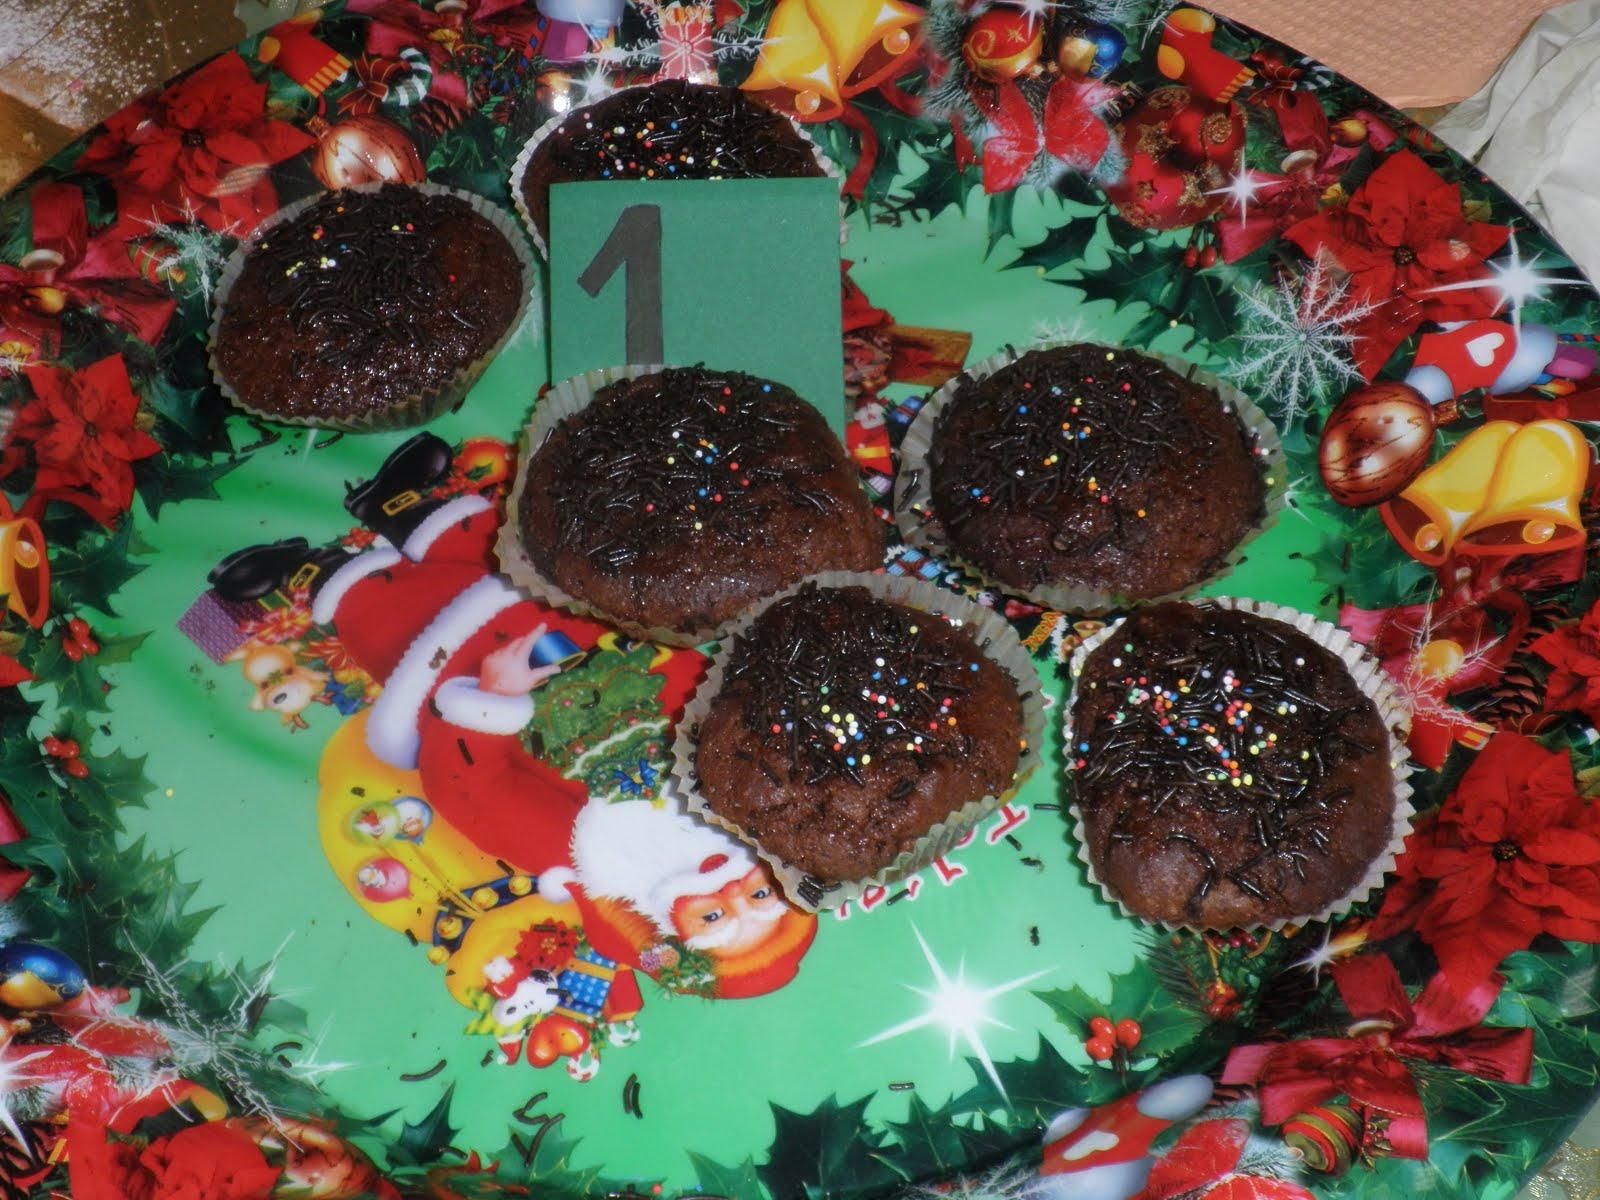 Παρασκευή 22/12 , 9-12, ένα bazaar με χειροποίητα γλυκά και λιχουδιές